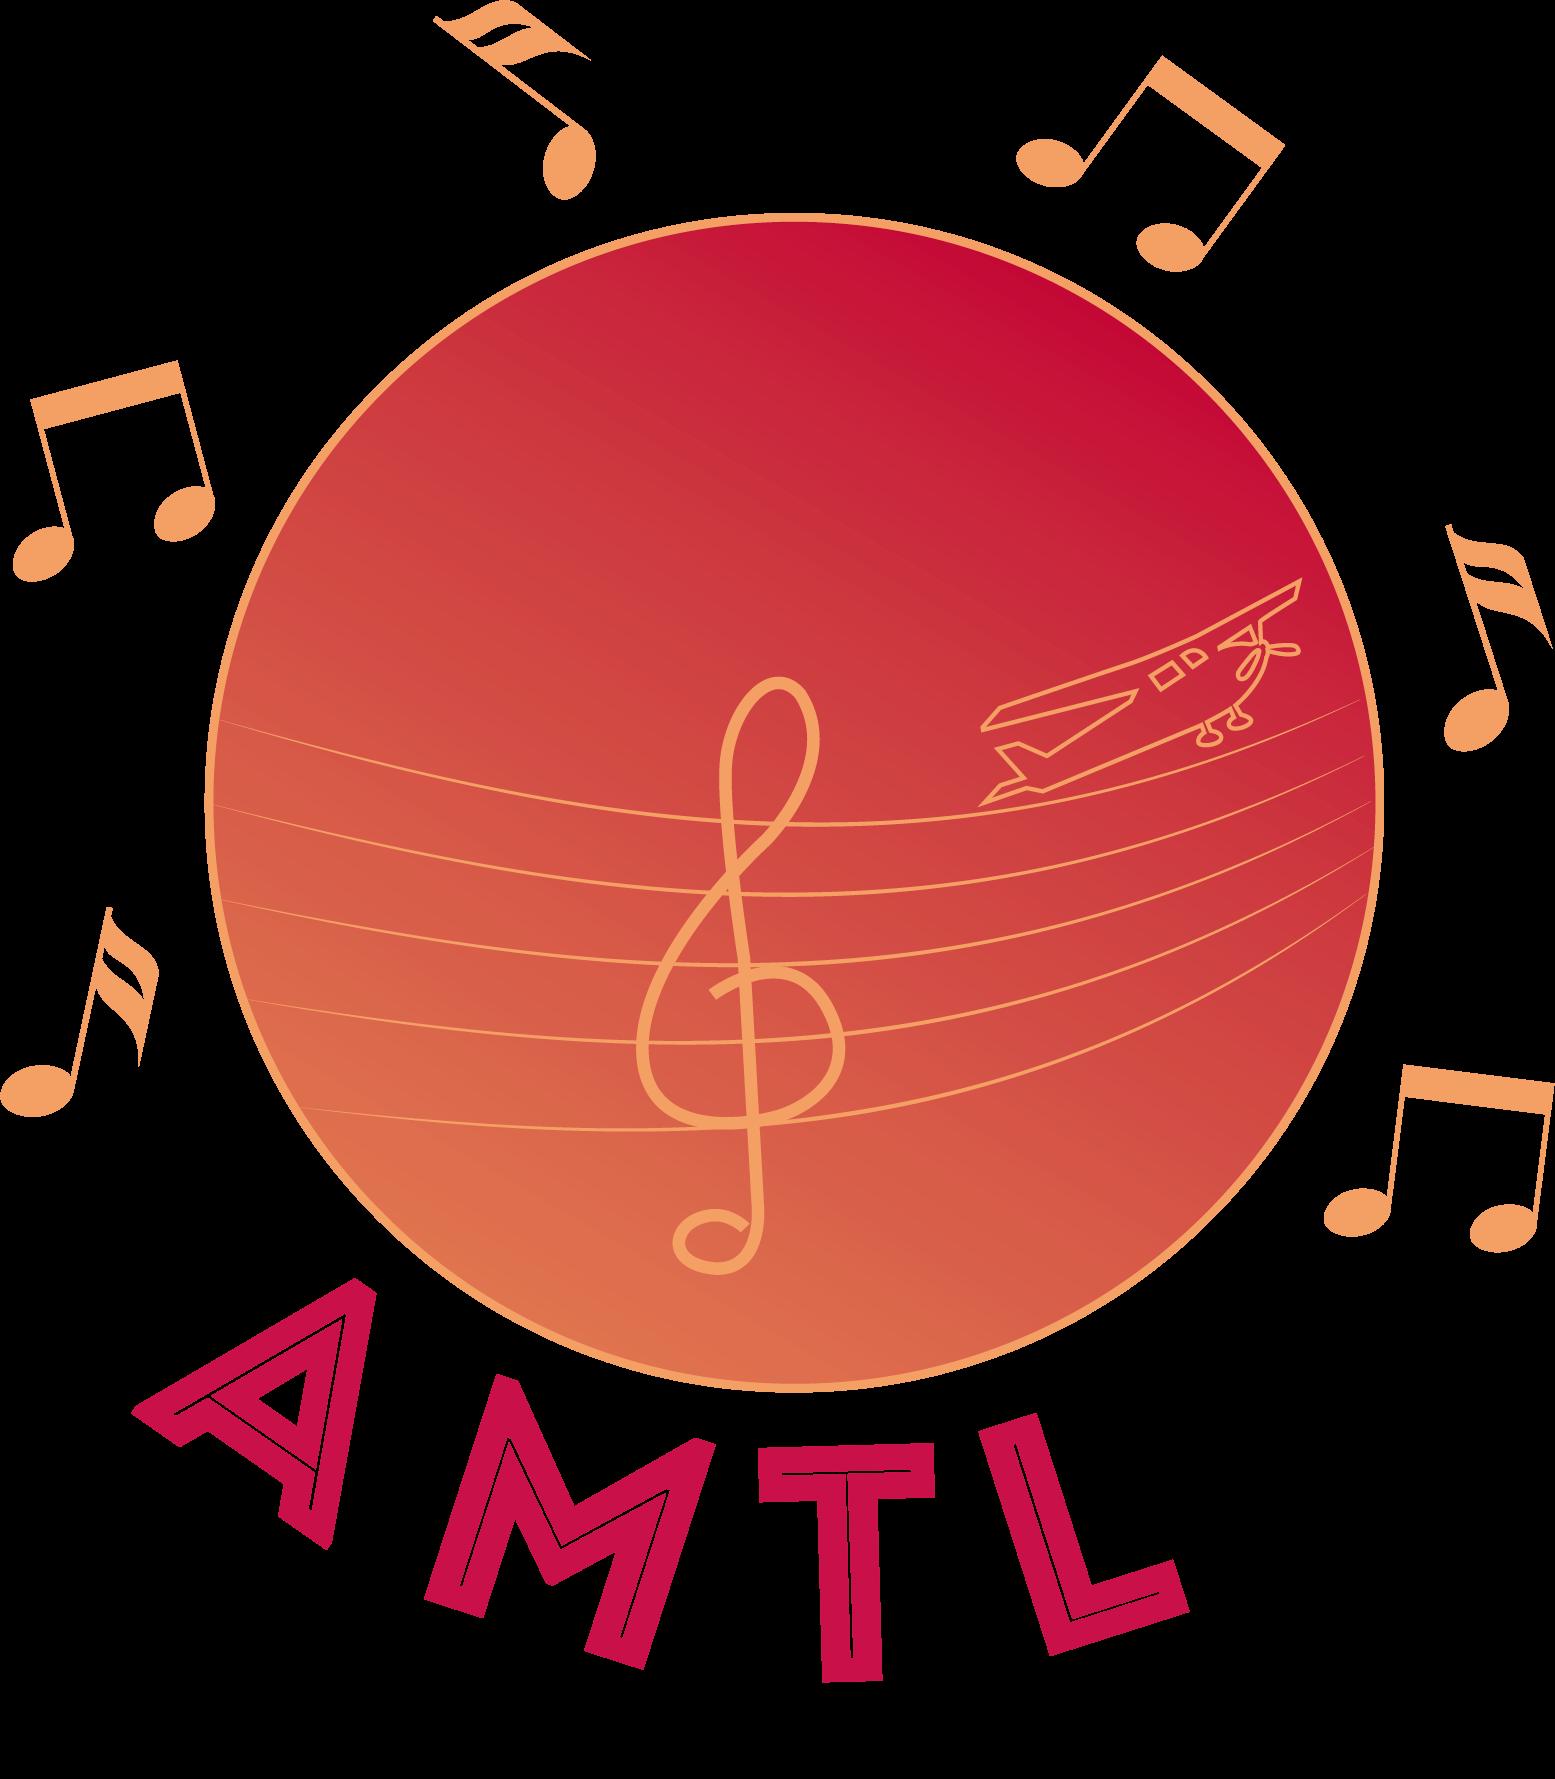 LOGO AMTL version 2